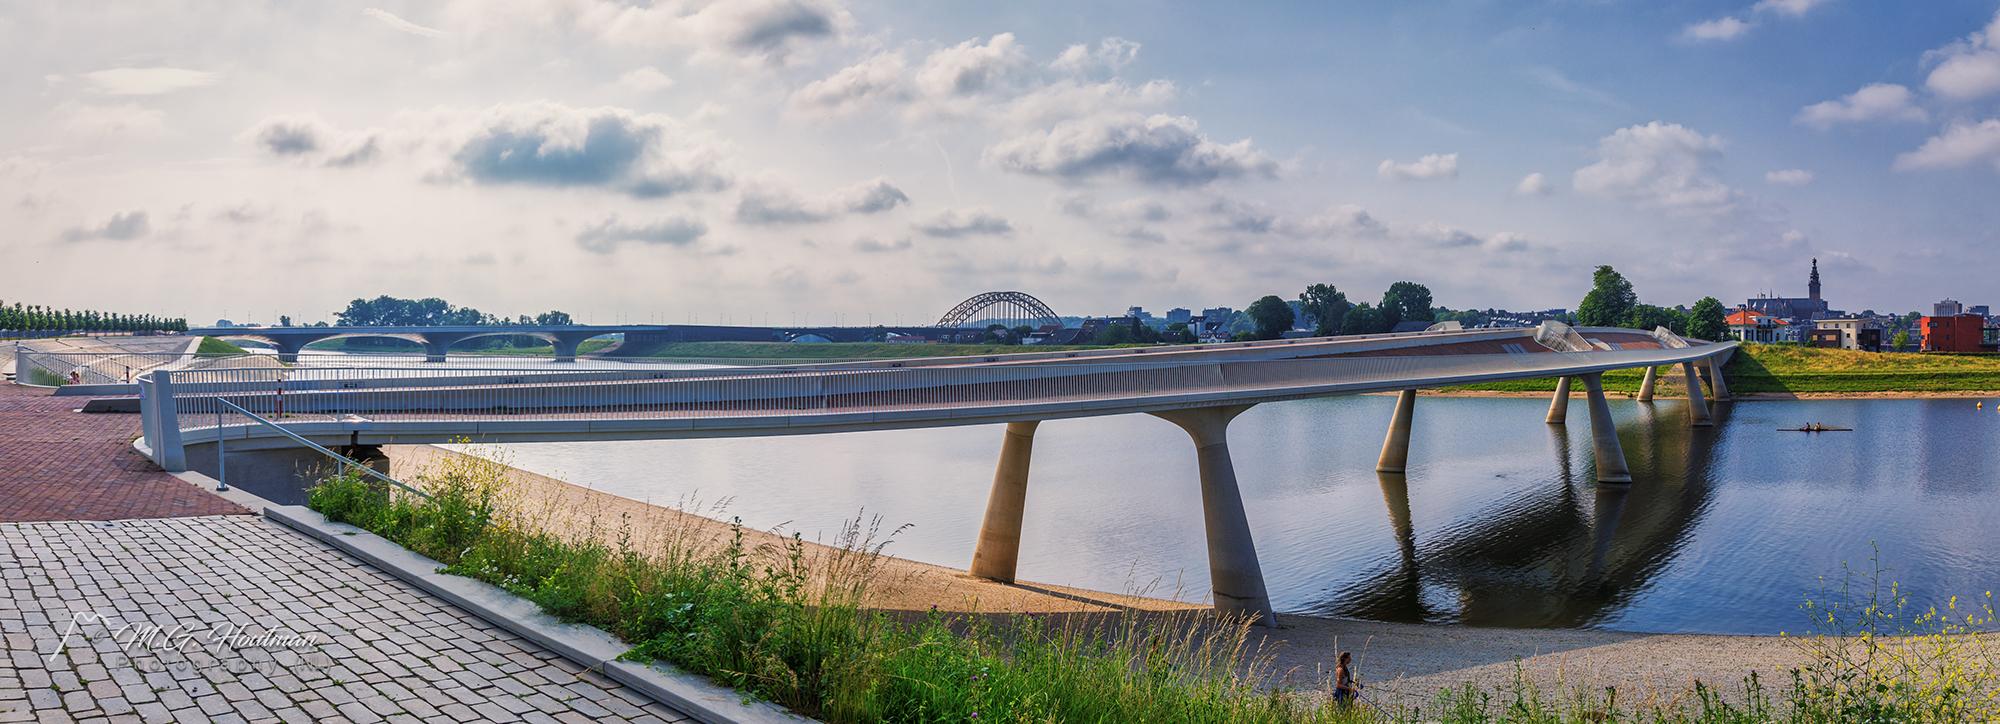 De Lentloper en Waalbrug - Nijmegen (NL)